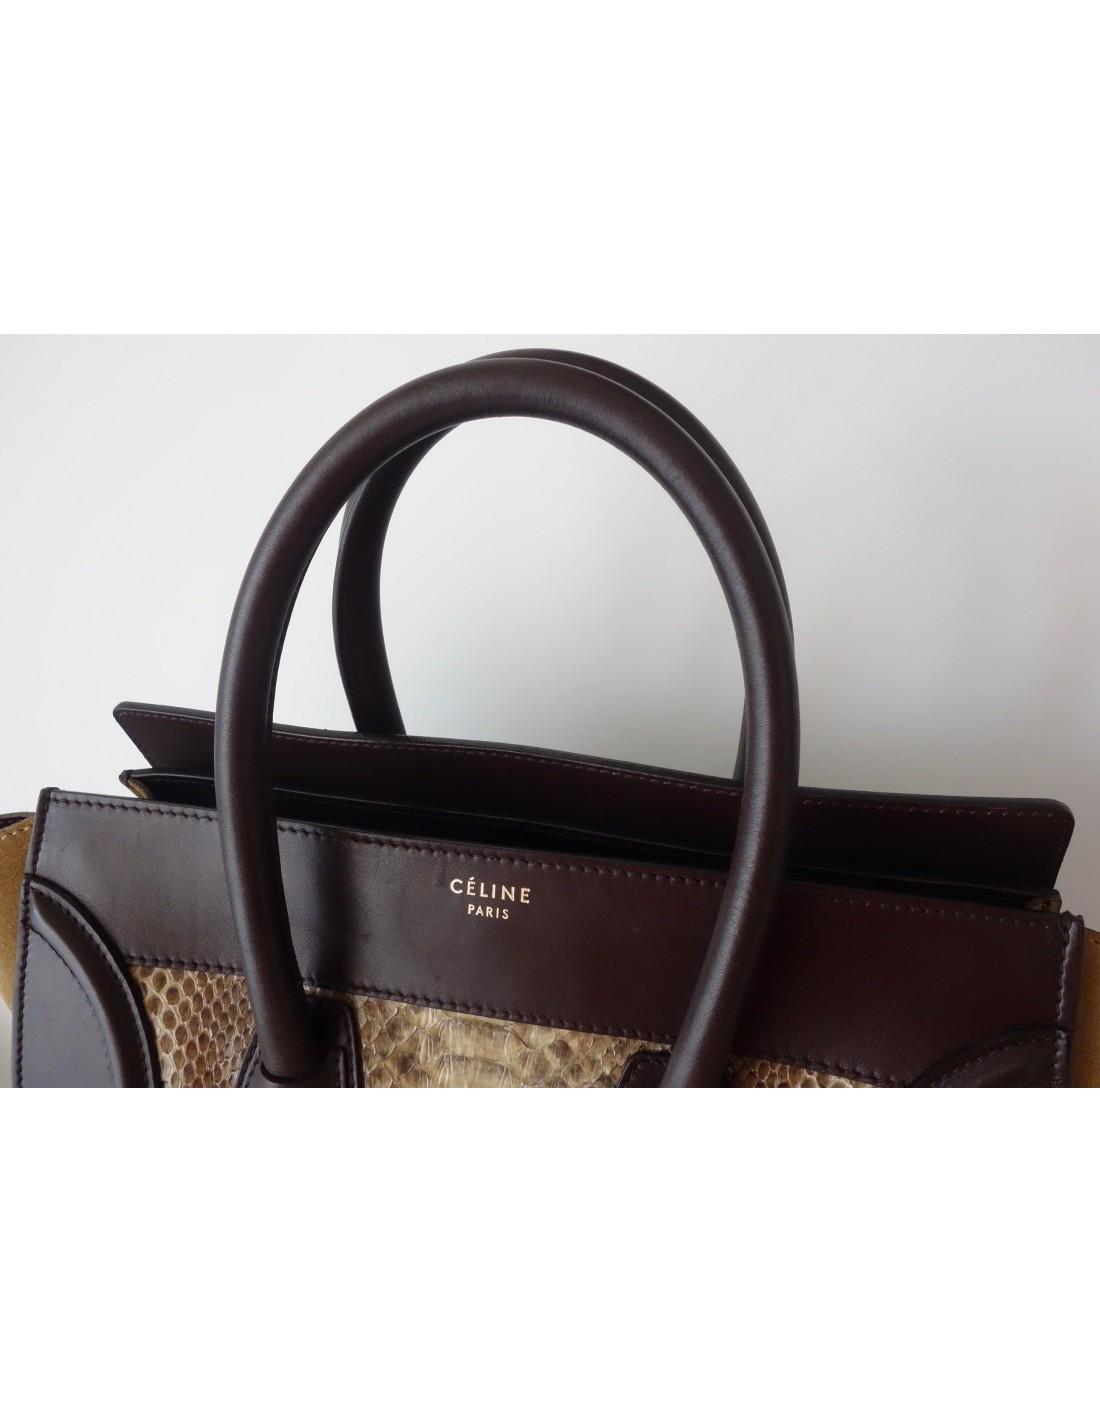 Python Atoutluxe Luggage Sac Celine Roqxrr5p Boutique dQoerWCxBE